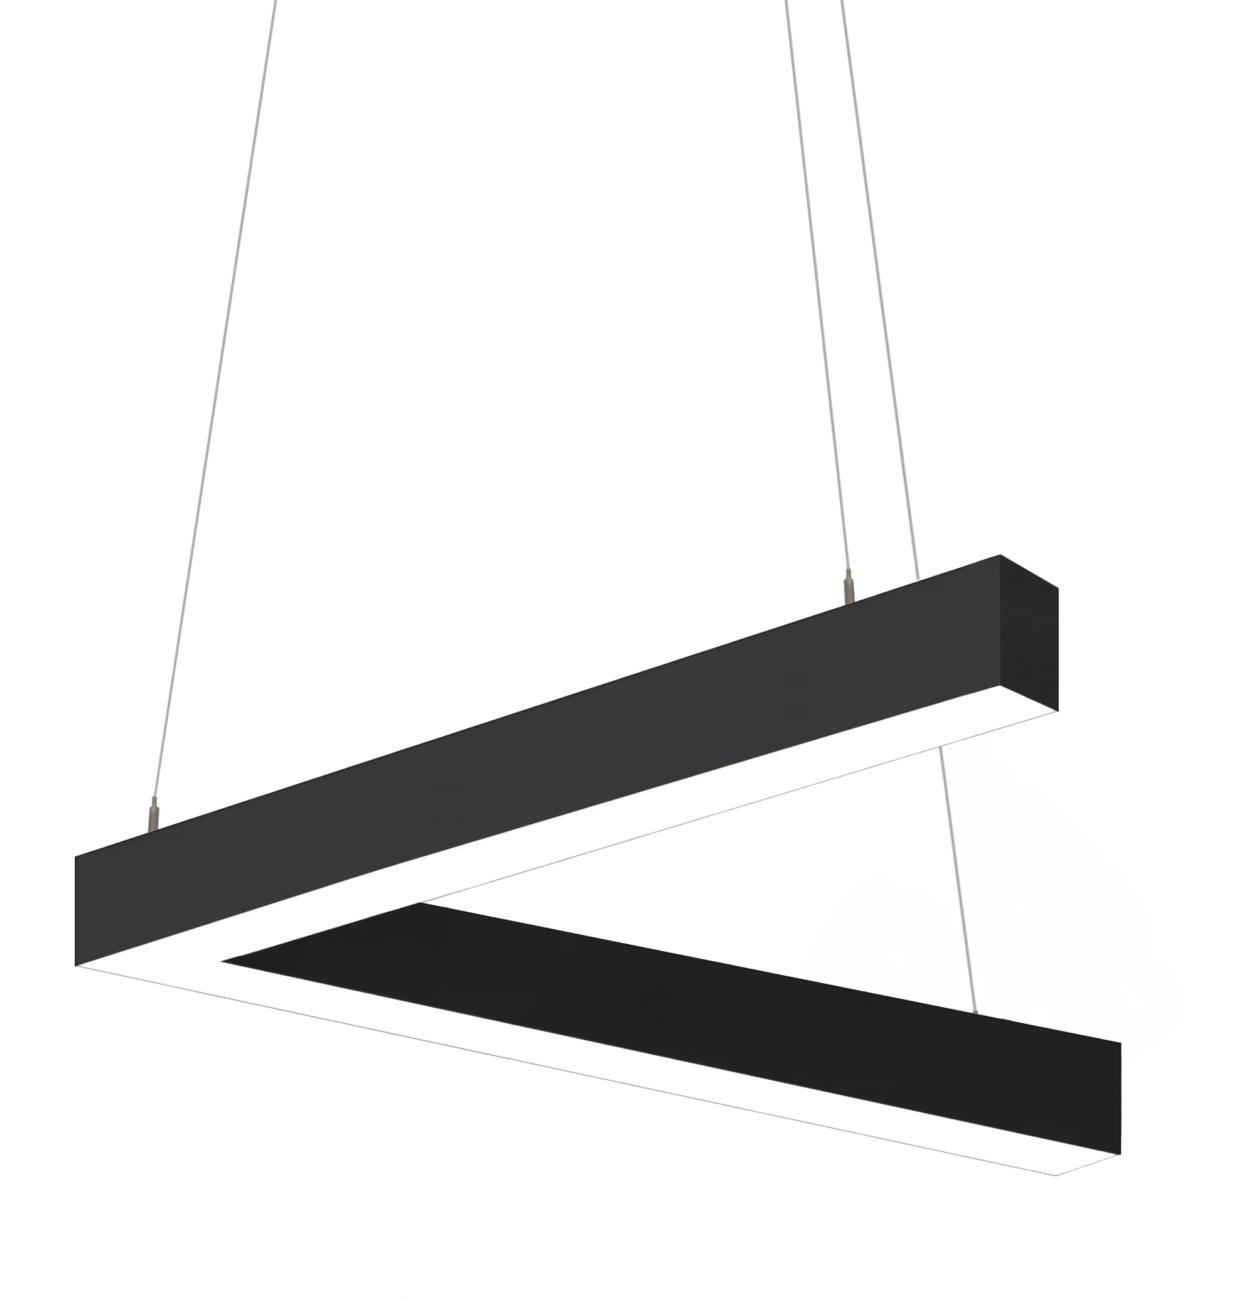 Светильник Style-5070. 1000×1000мм. 4000К/3000К. 34W/72W купить в Химках